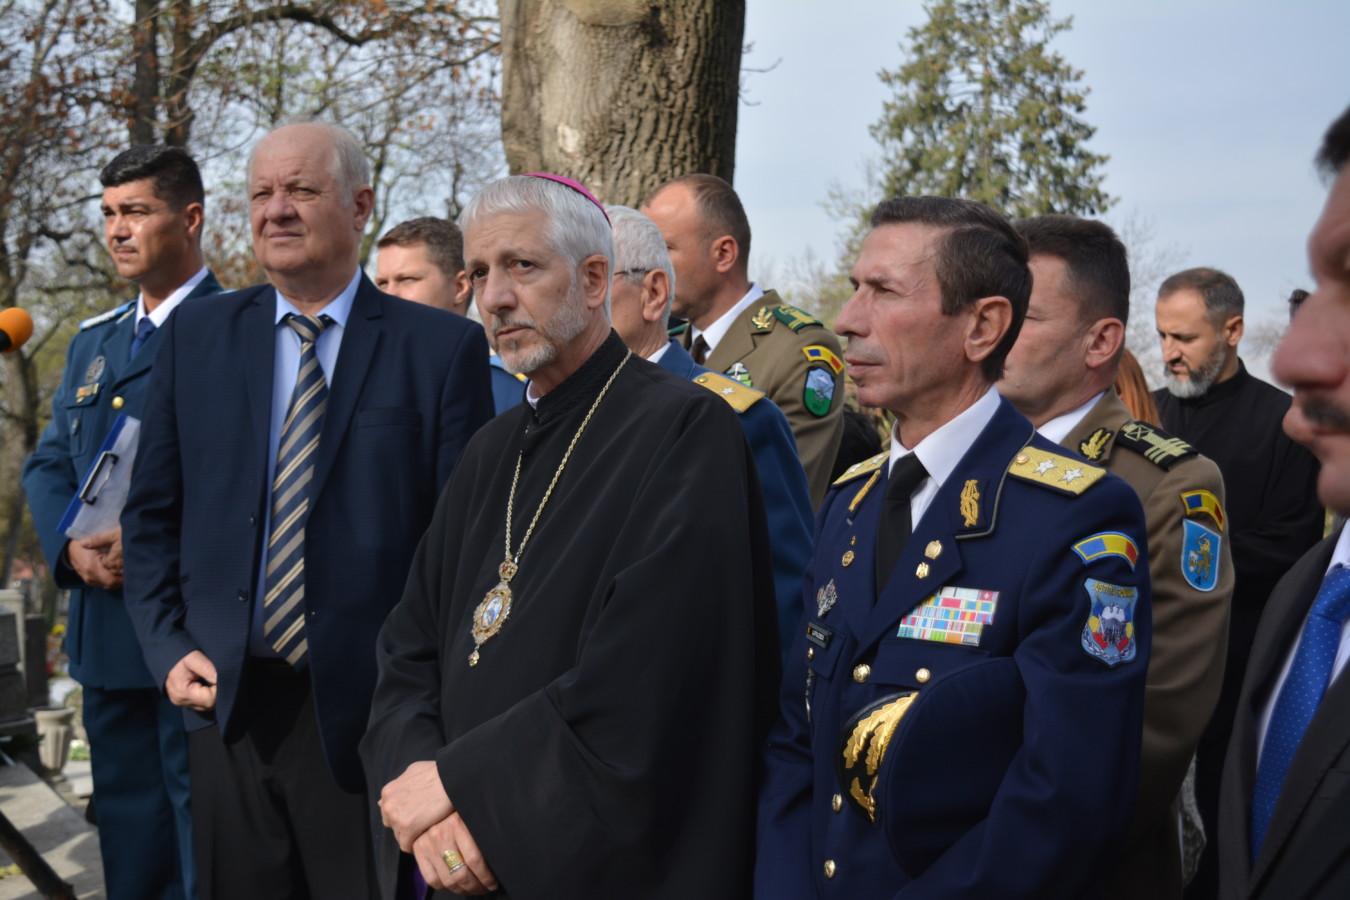 Aviatoarea Smaranda Brăescu, luptătoare neînfricată împotriva comunismului, comemorată la 70 de la trecerea la Domnul